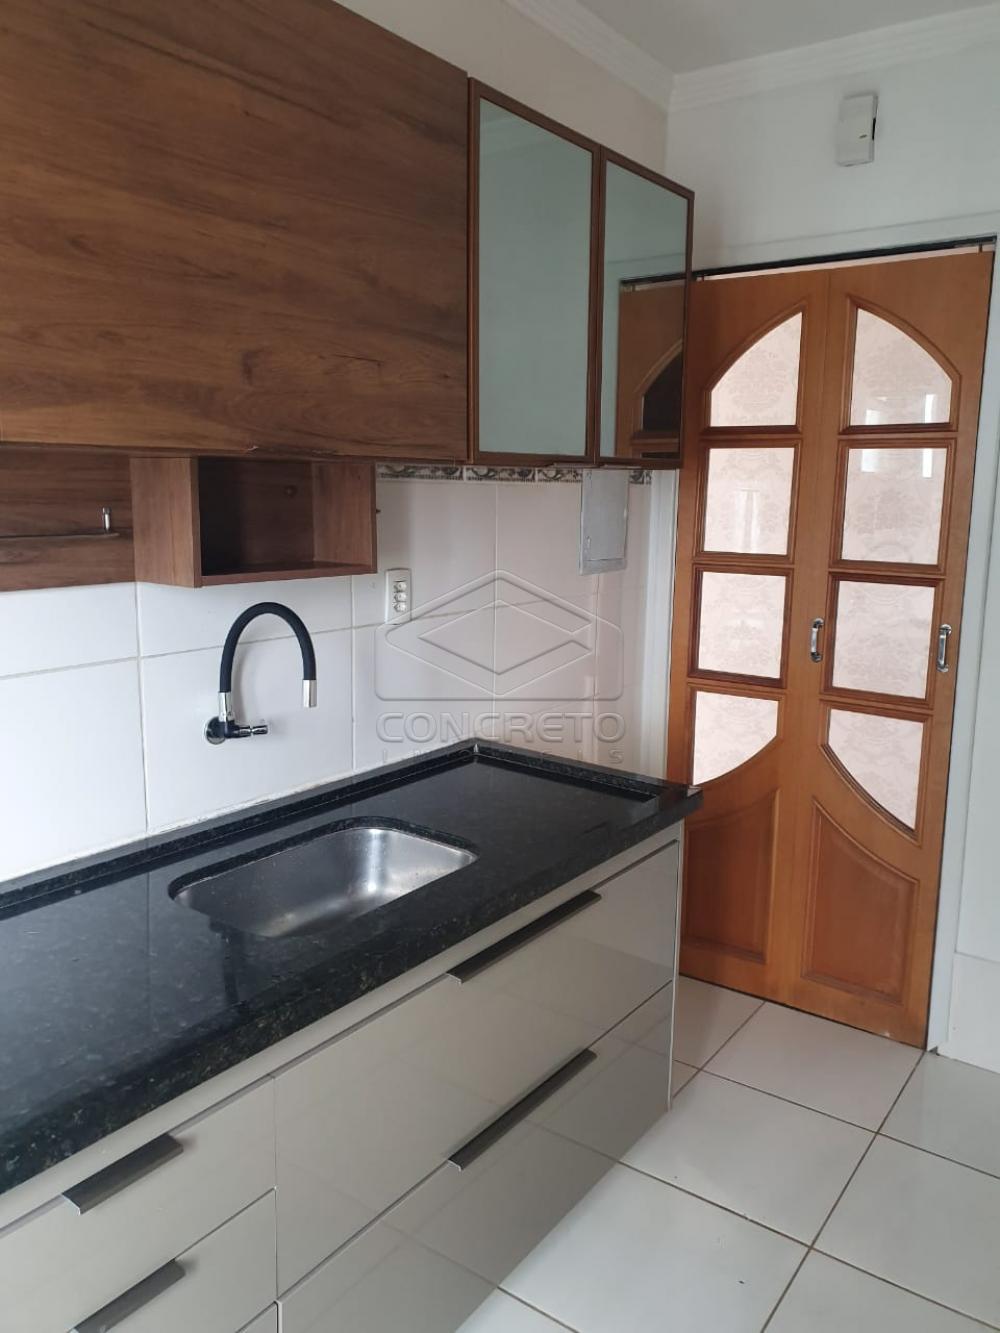 Comprar Apartamento / Padrão em Bauru apenas R$ 400.000,00 - Foto 16